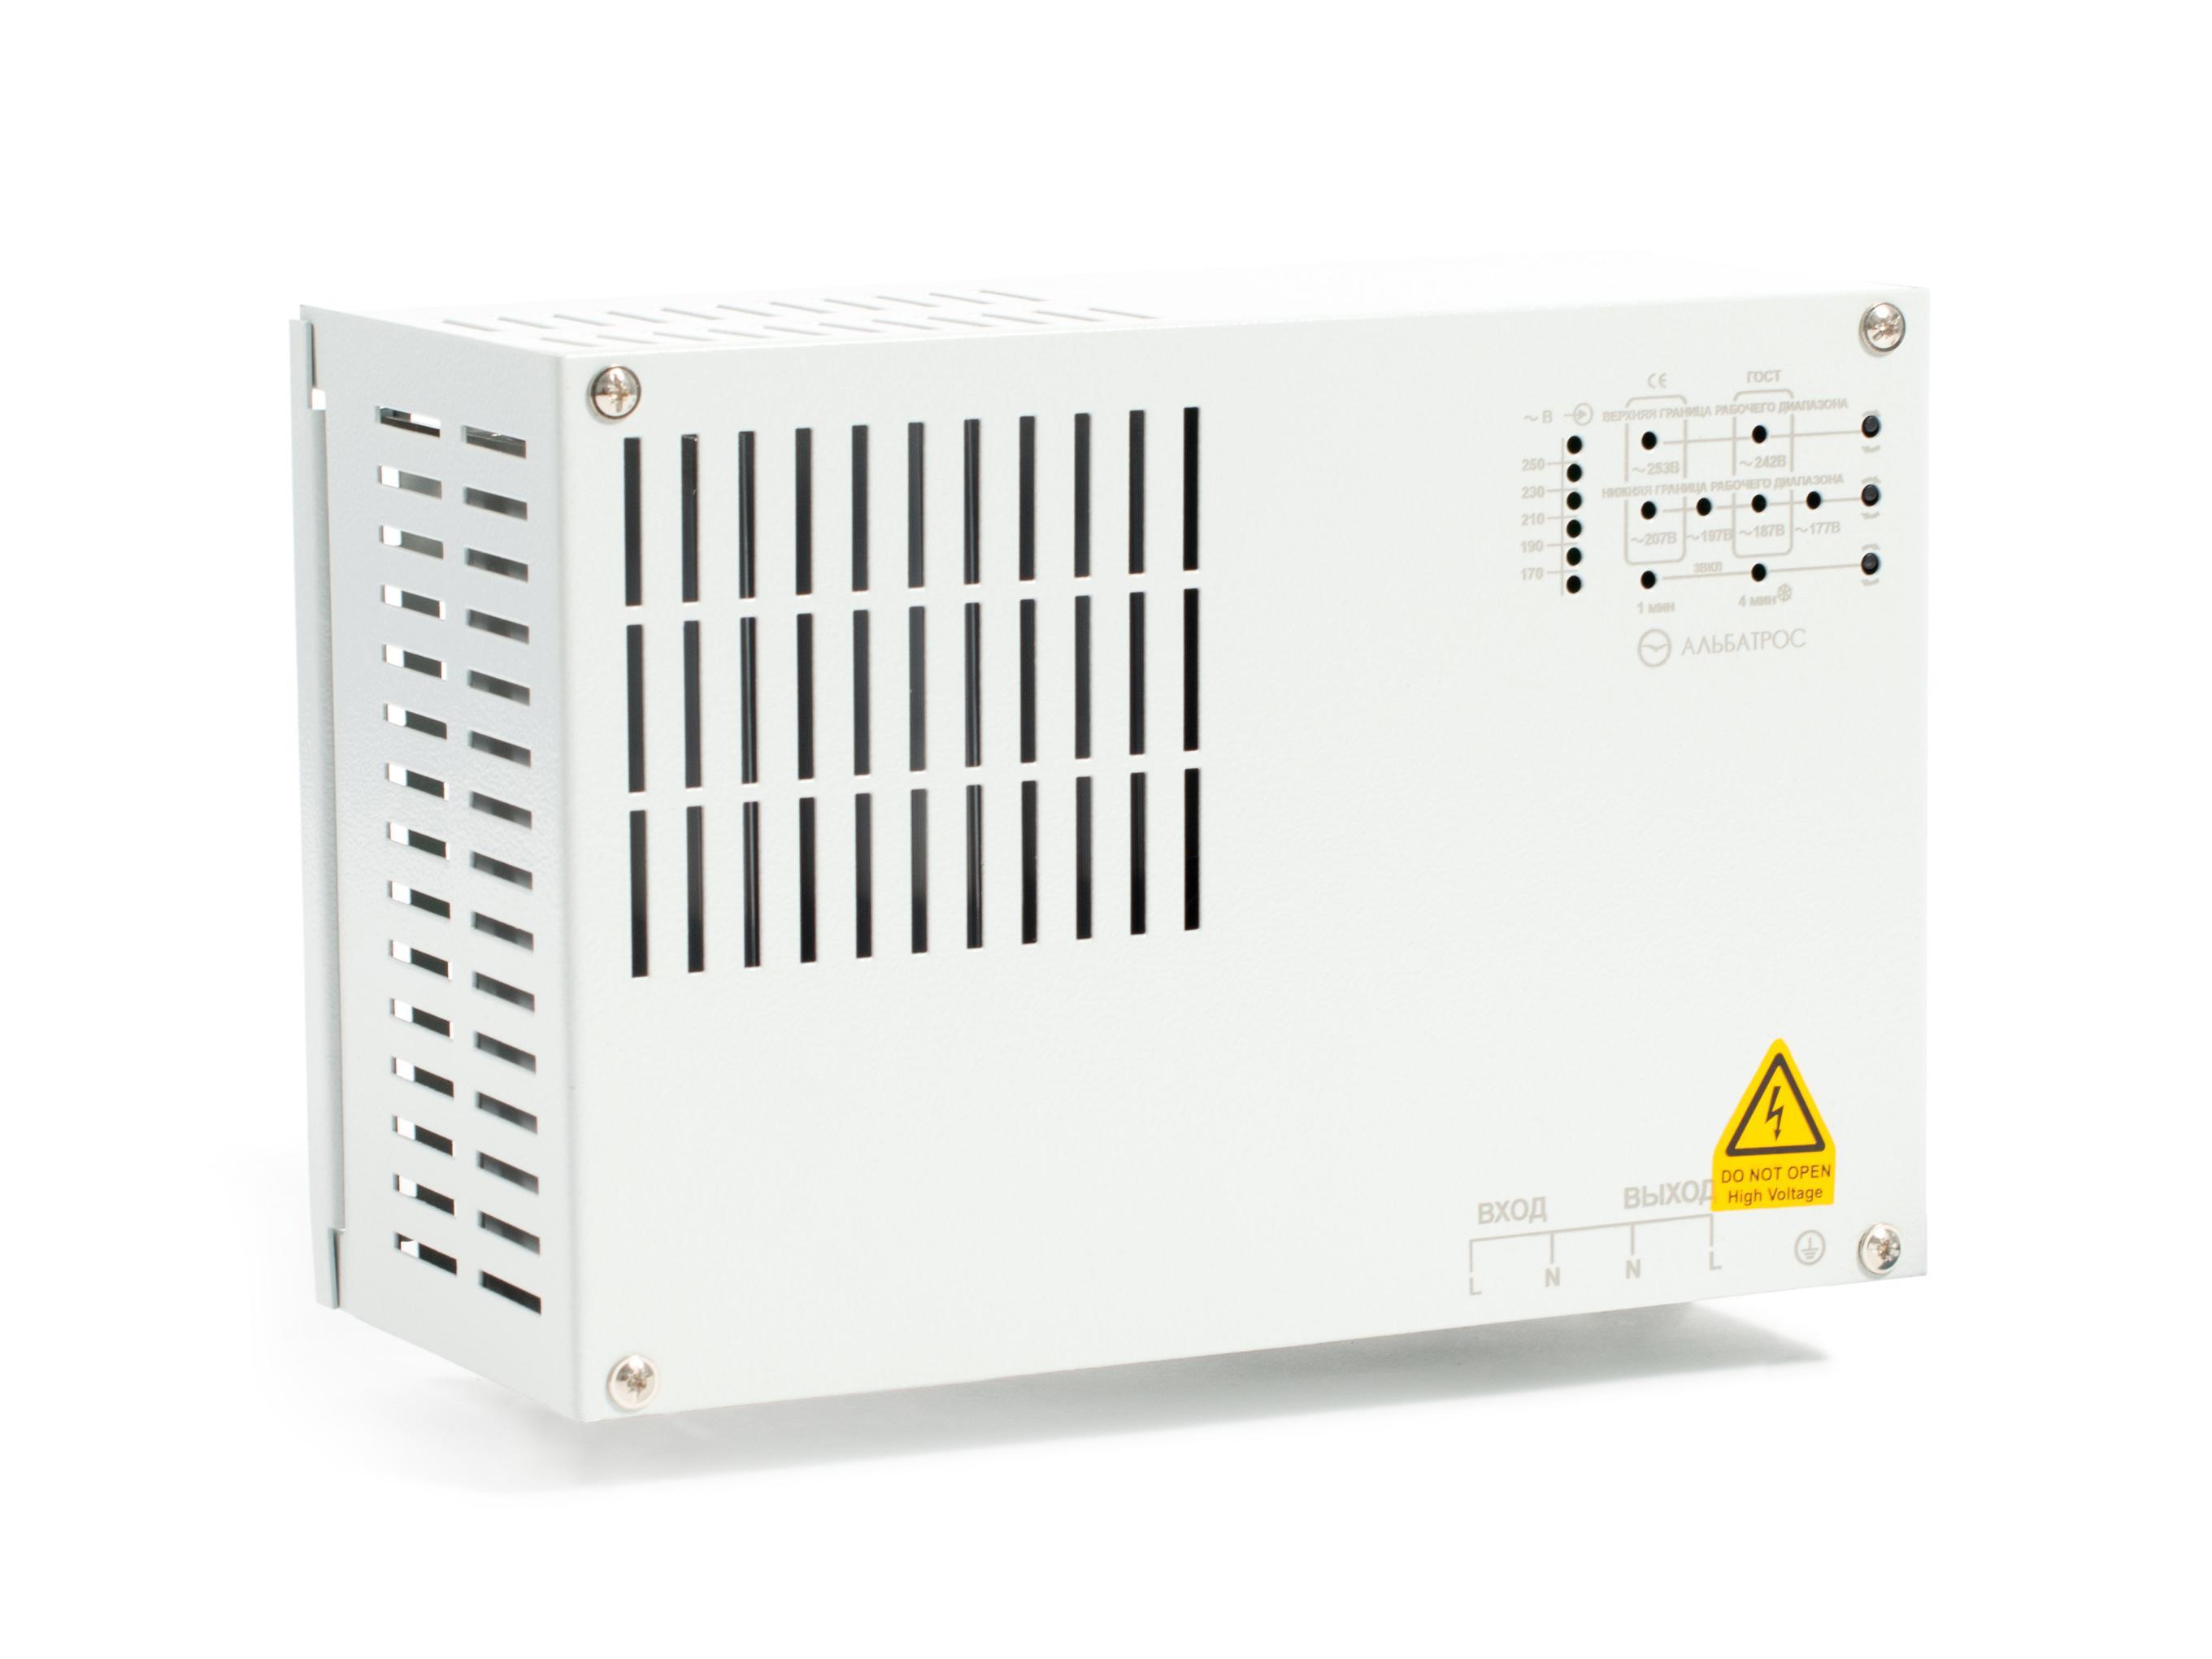 Устройство Teplocom АЛЬБАТРОС-12345 устройство teplocom альбатрос 220 3500 ас